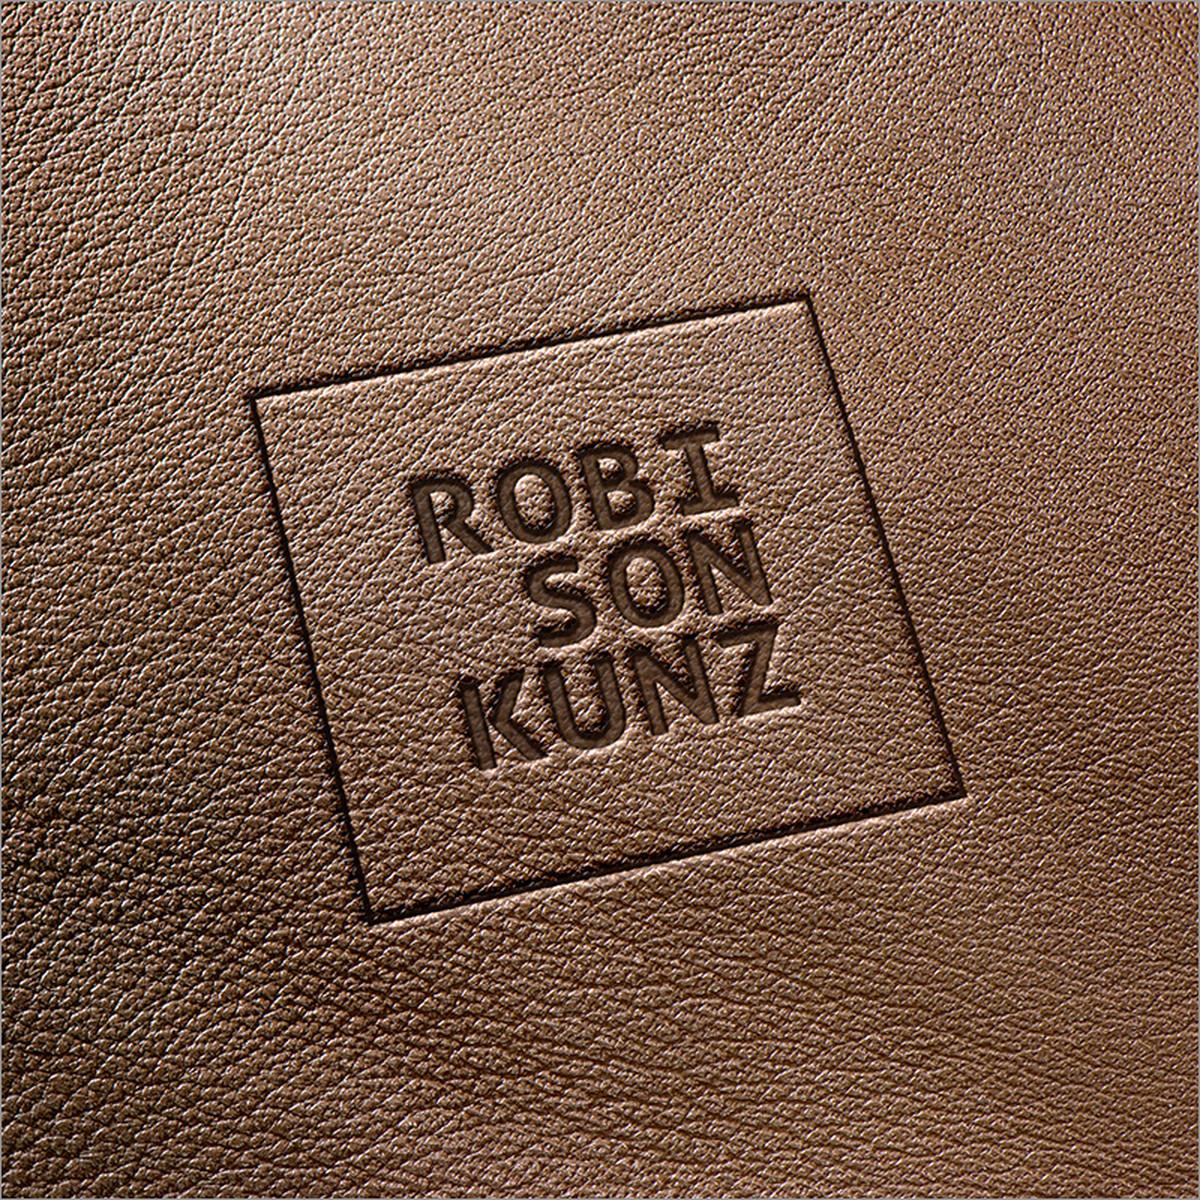 robison-kunz-marca-robison-kunz-nova-marca-robison-kunz-fotografo-casamento-rs-fotografia-casamento-rs-picada-cafe-serra-gaucha-robison-kunz-novo-site-robison-kunz-nova-marca